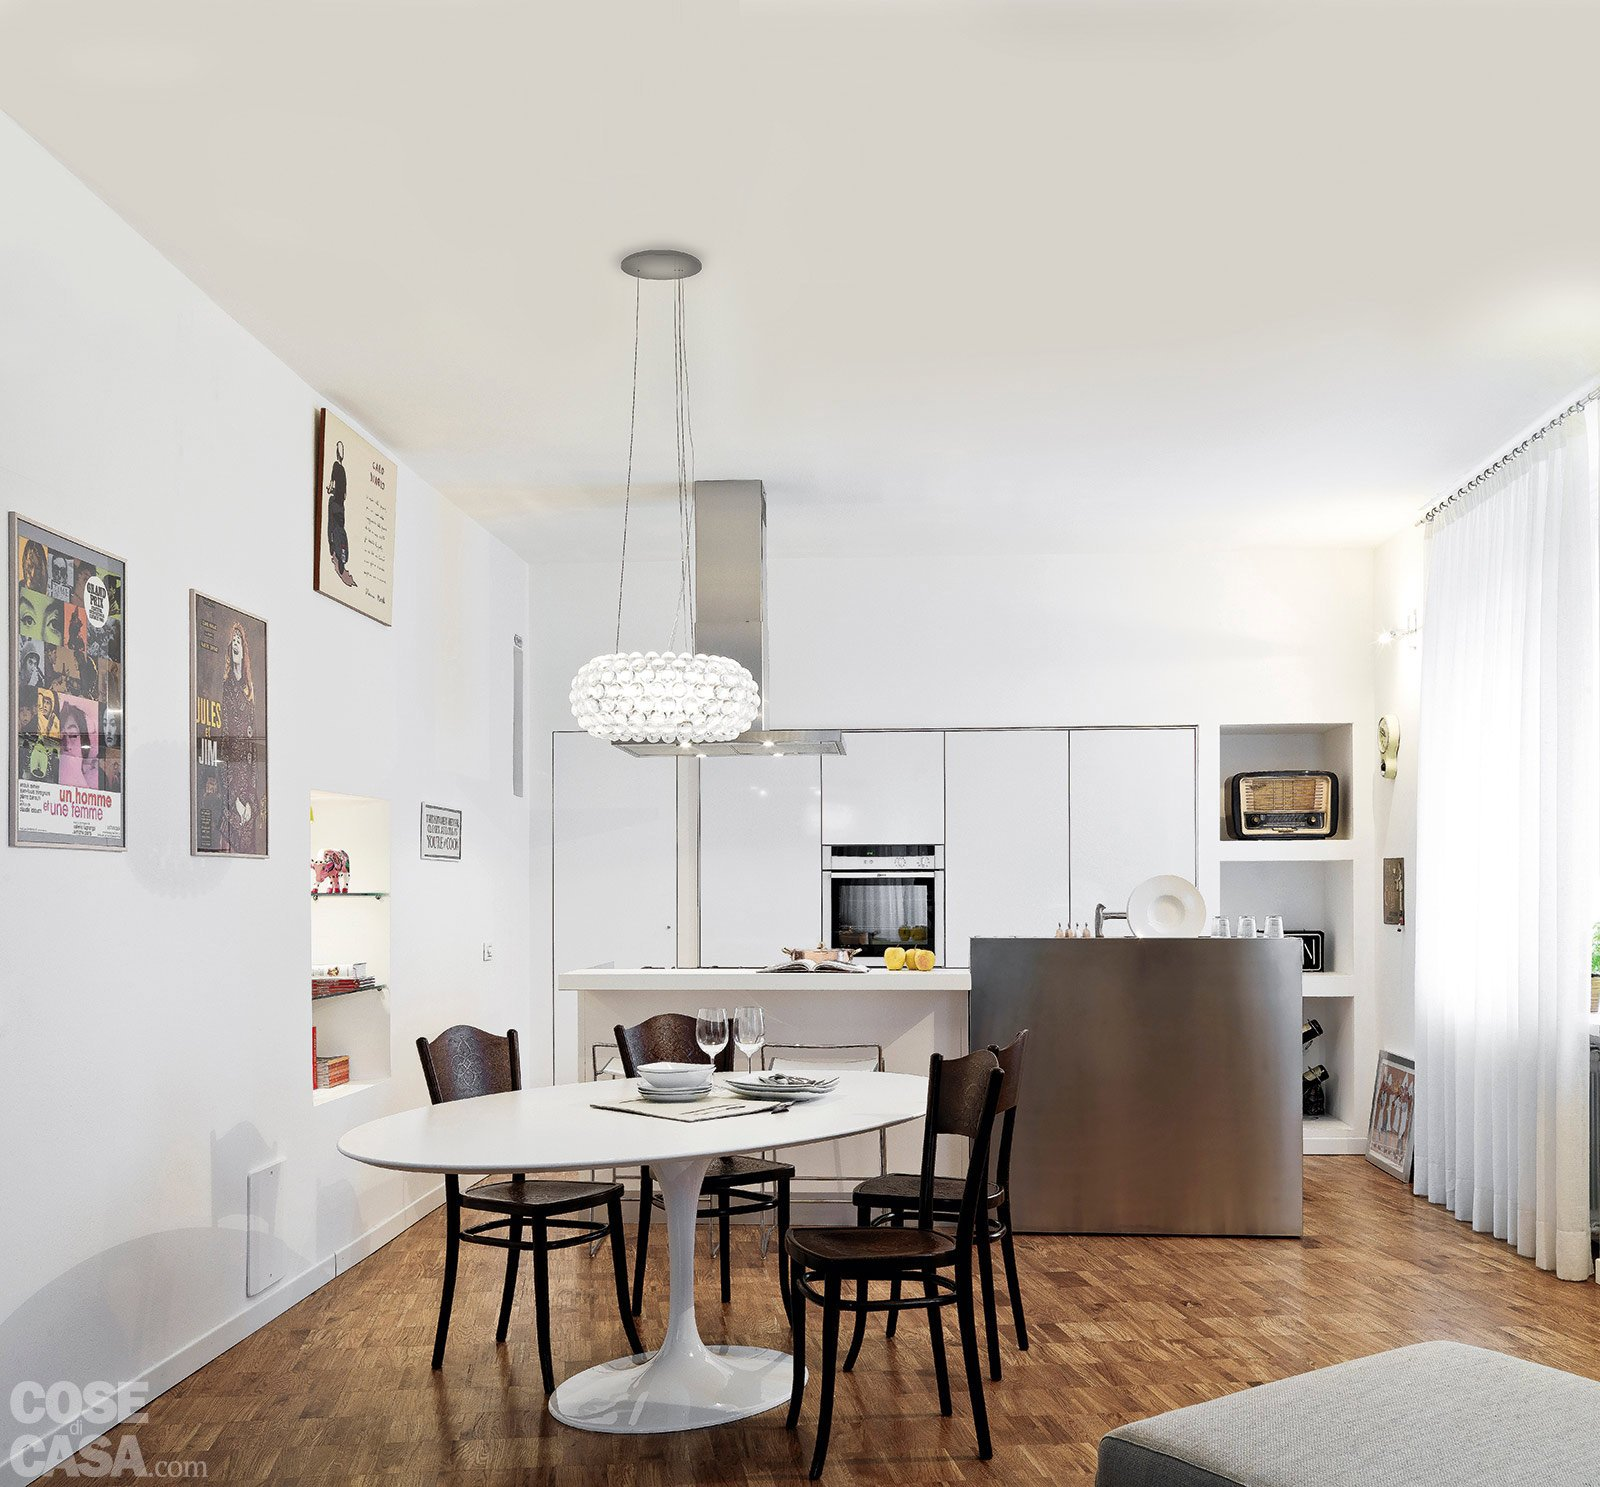 74 mq moltiplicati e ottimizzati cose di casa for Piccole planimetrie di piccole case